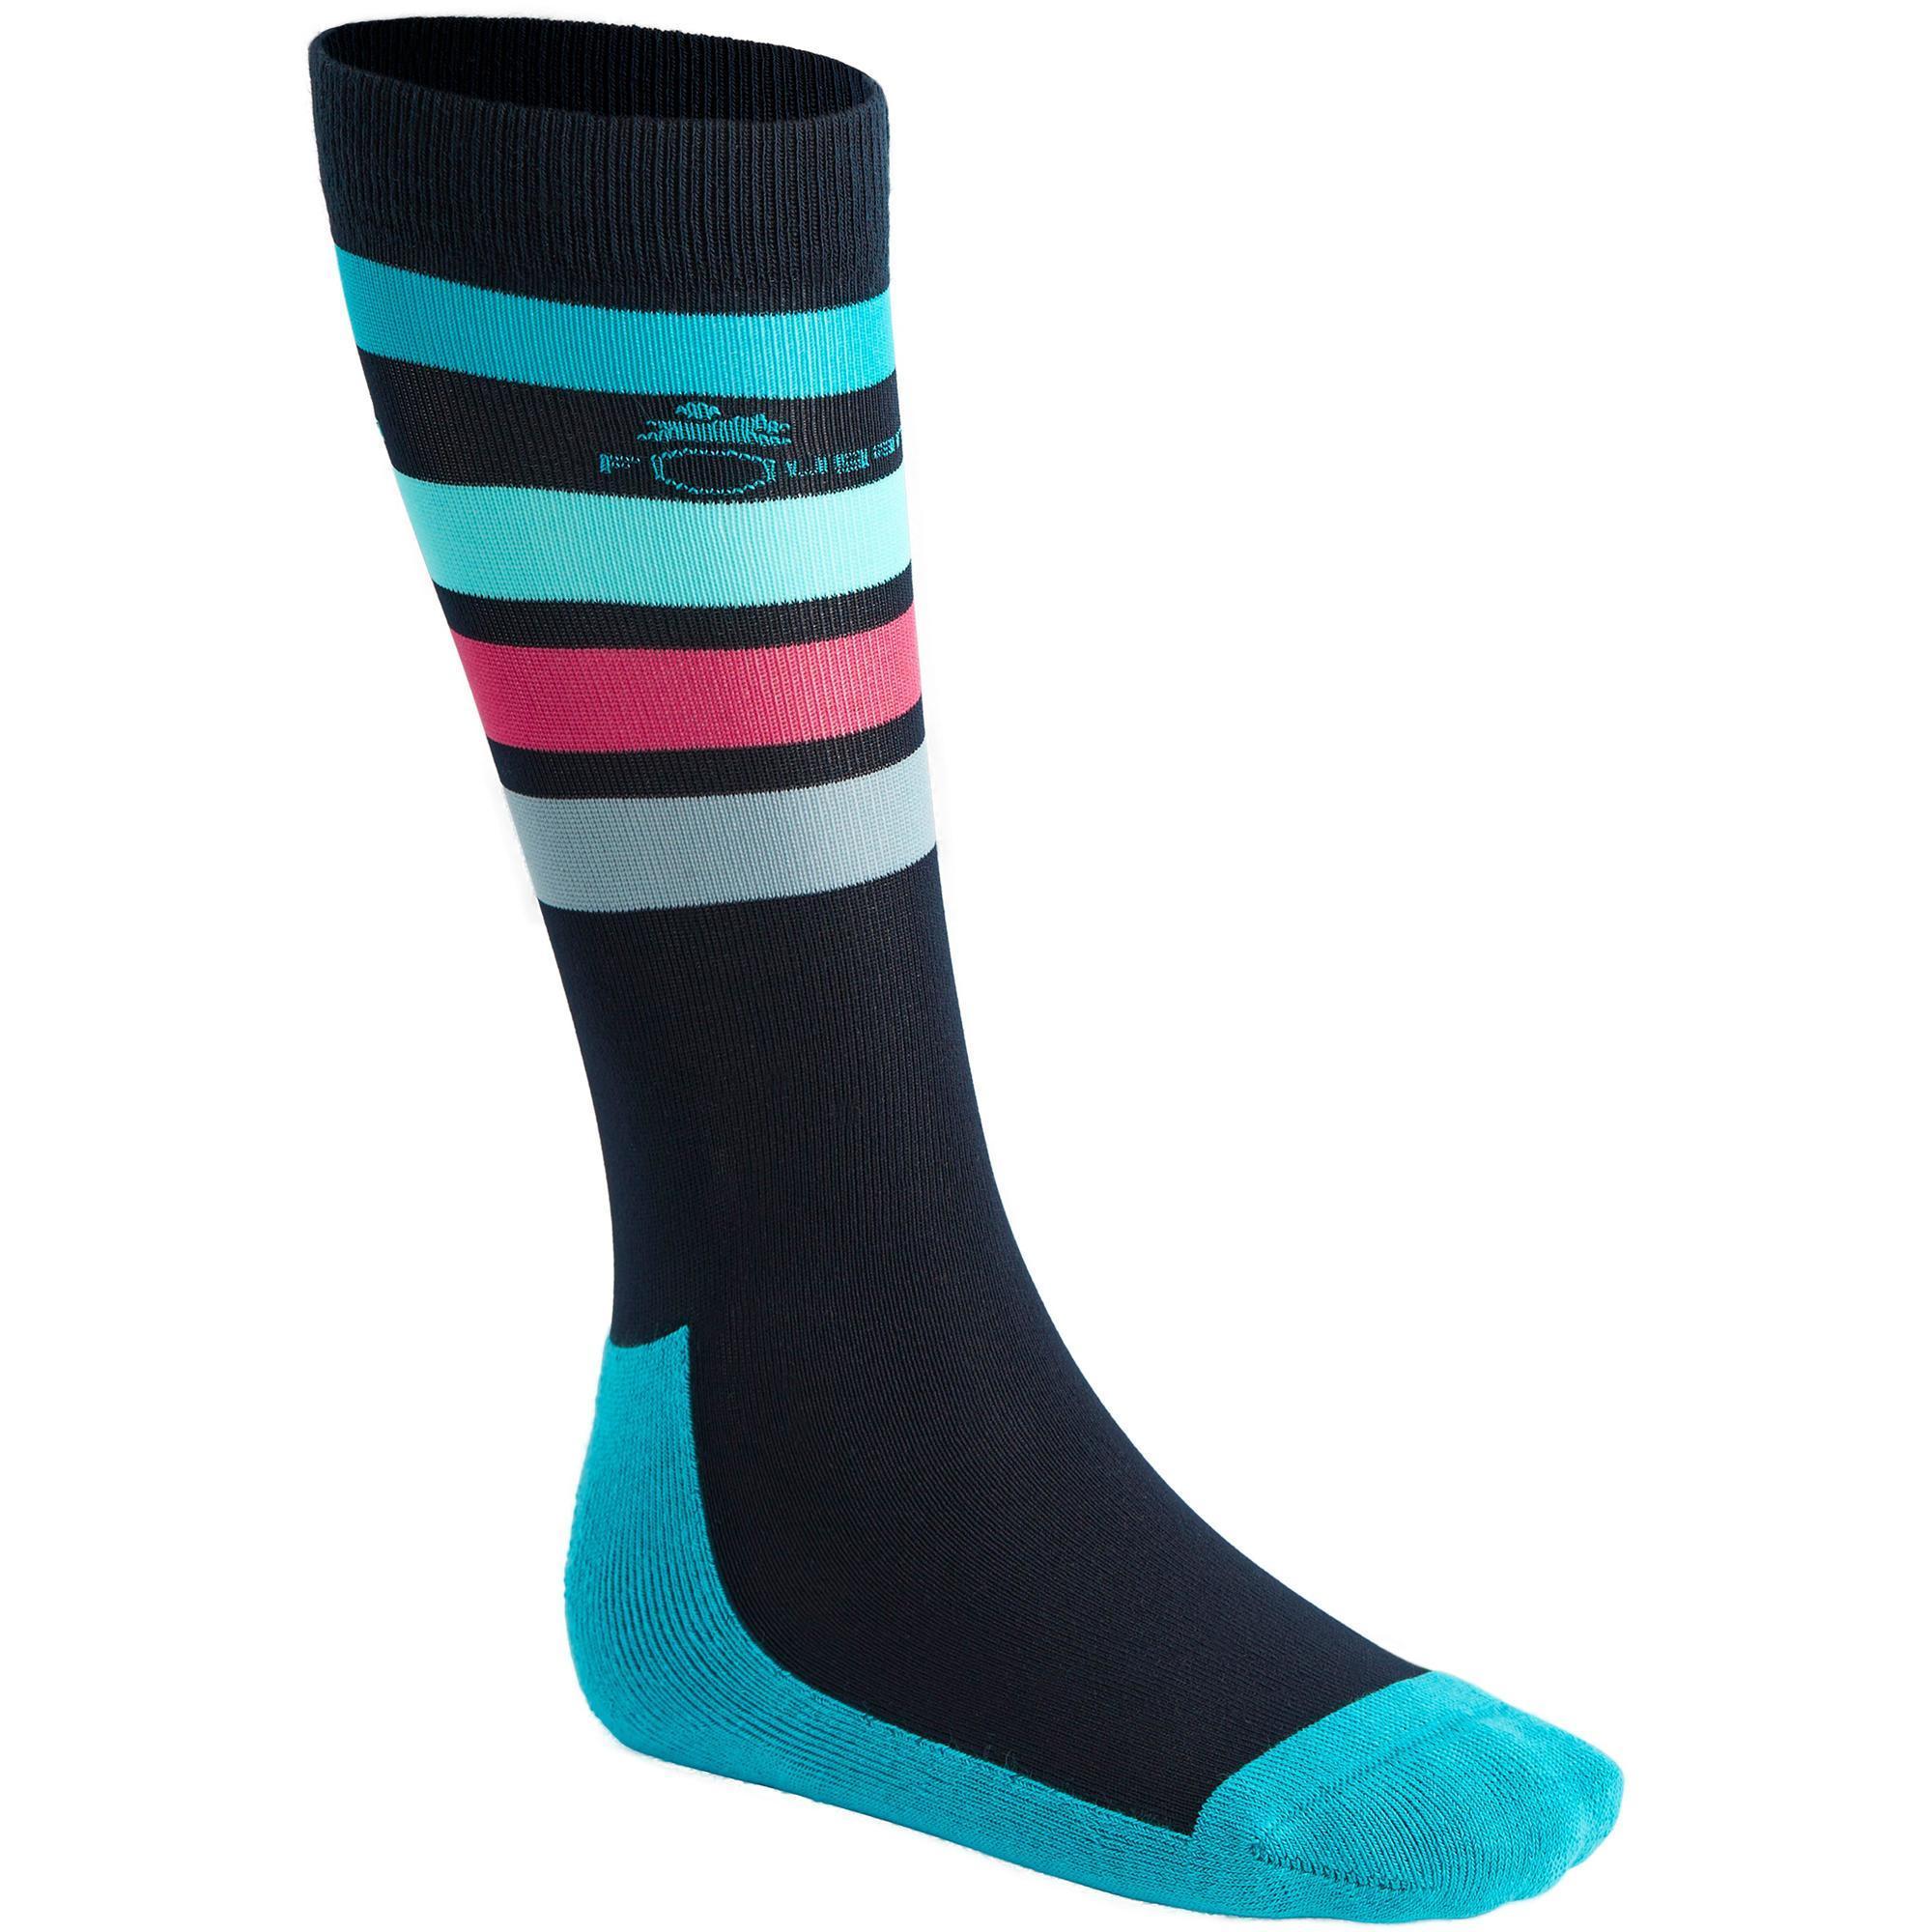 chaussettes quitation enfant basic bleu marine bleu turquoise x1 paire fouganza. Black Bedroom Furniture Sets. Home Design Ideas